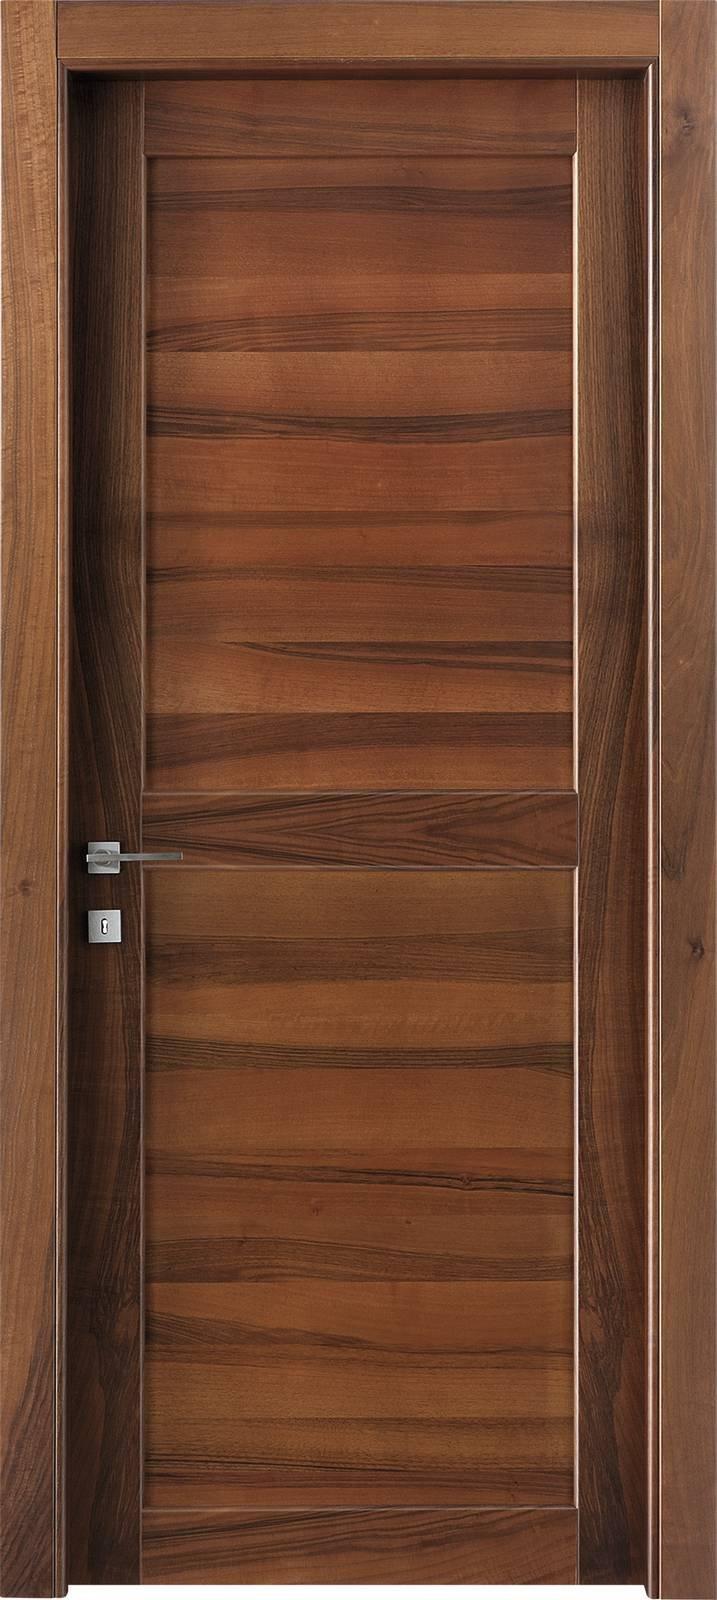 Colori Porte Interne Moderne abbinare porte e maniglie: come scegliere stili e colori